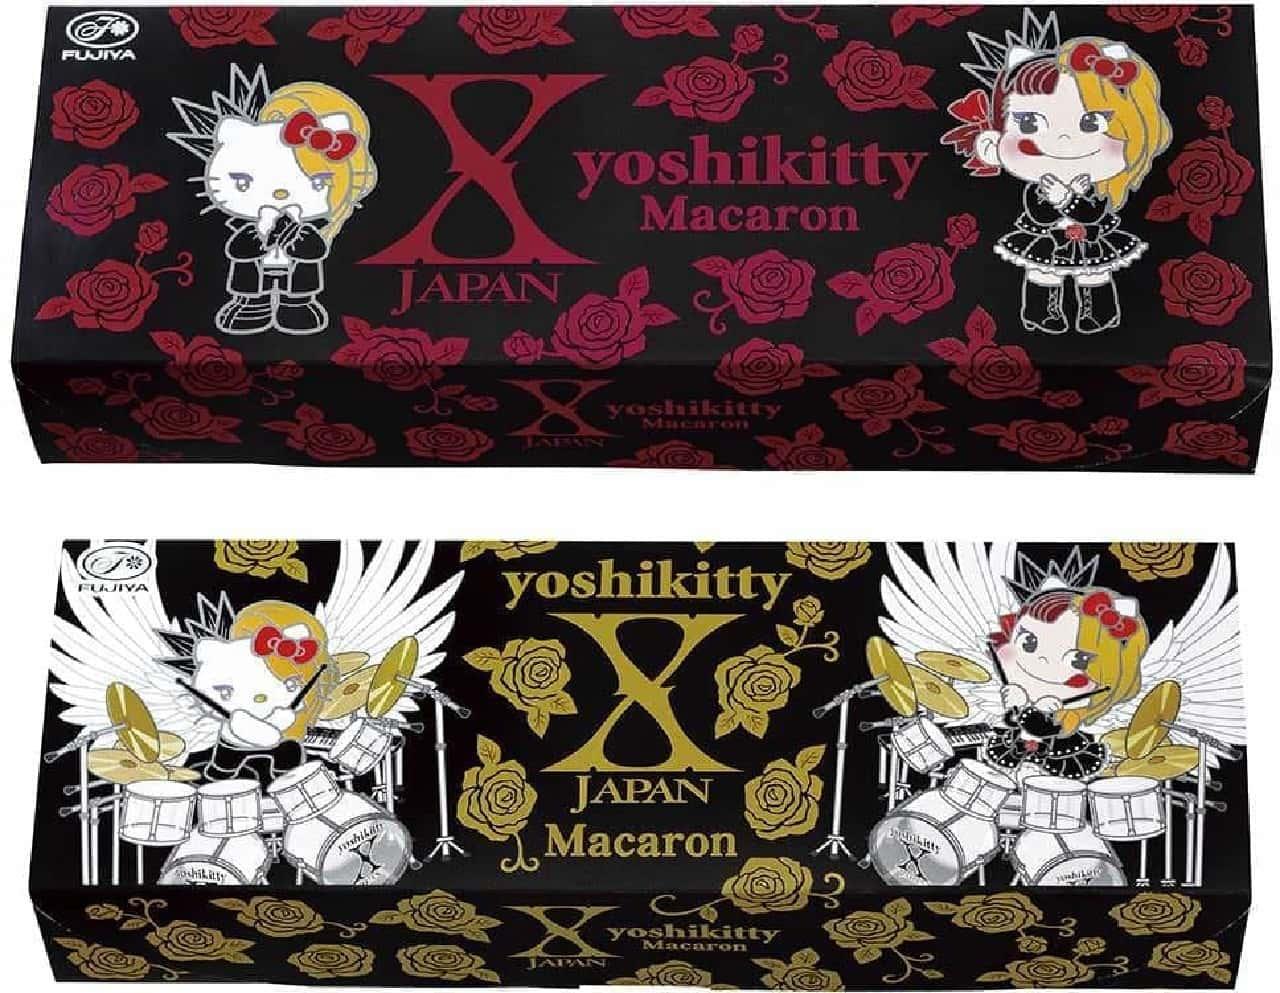 不二家洋菓子店「yoshikitty(ヨシキティ)マカロン」